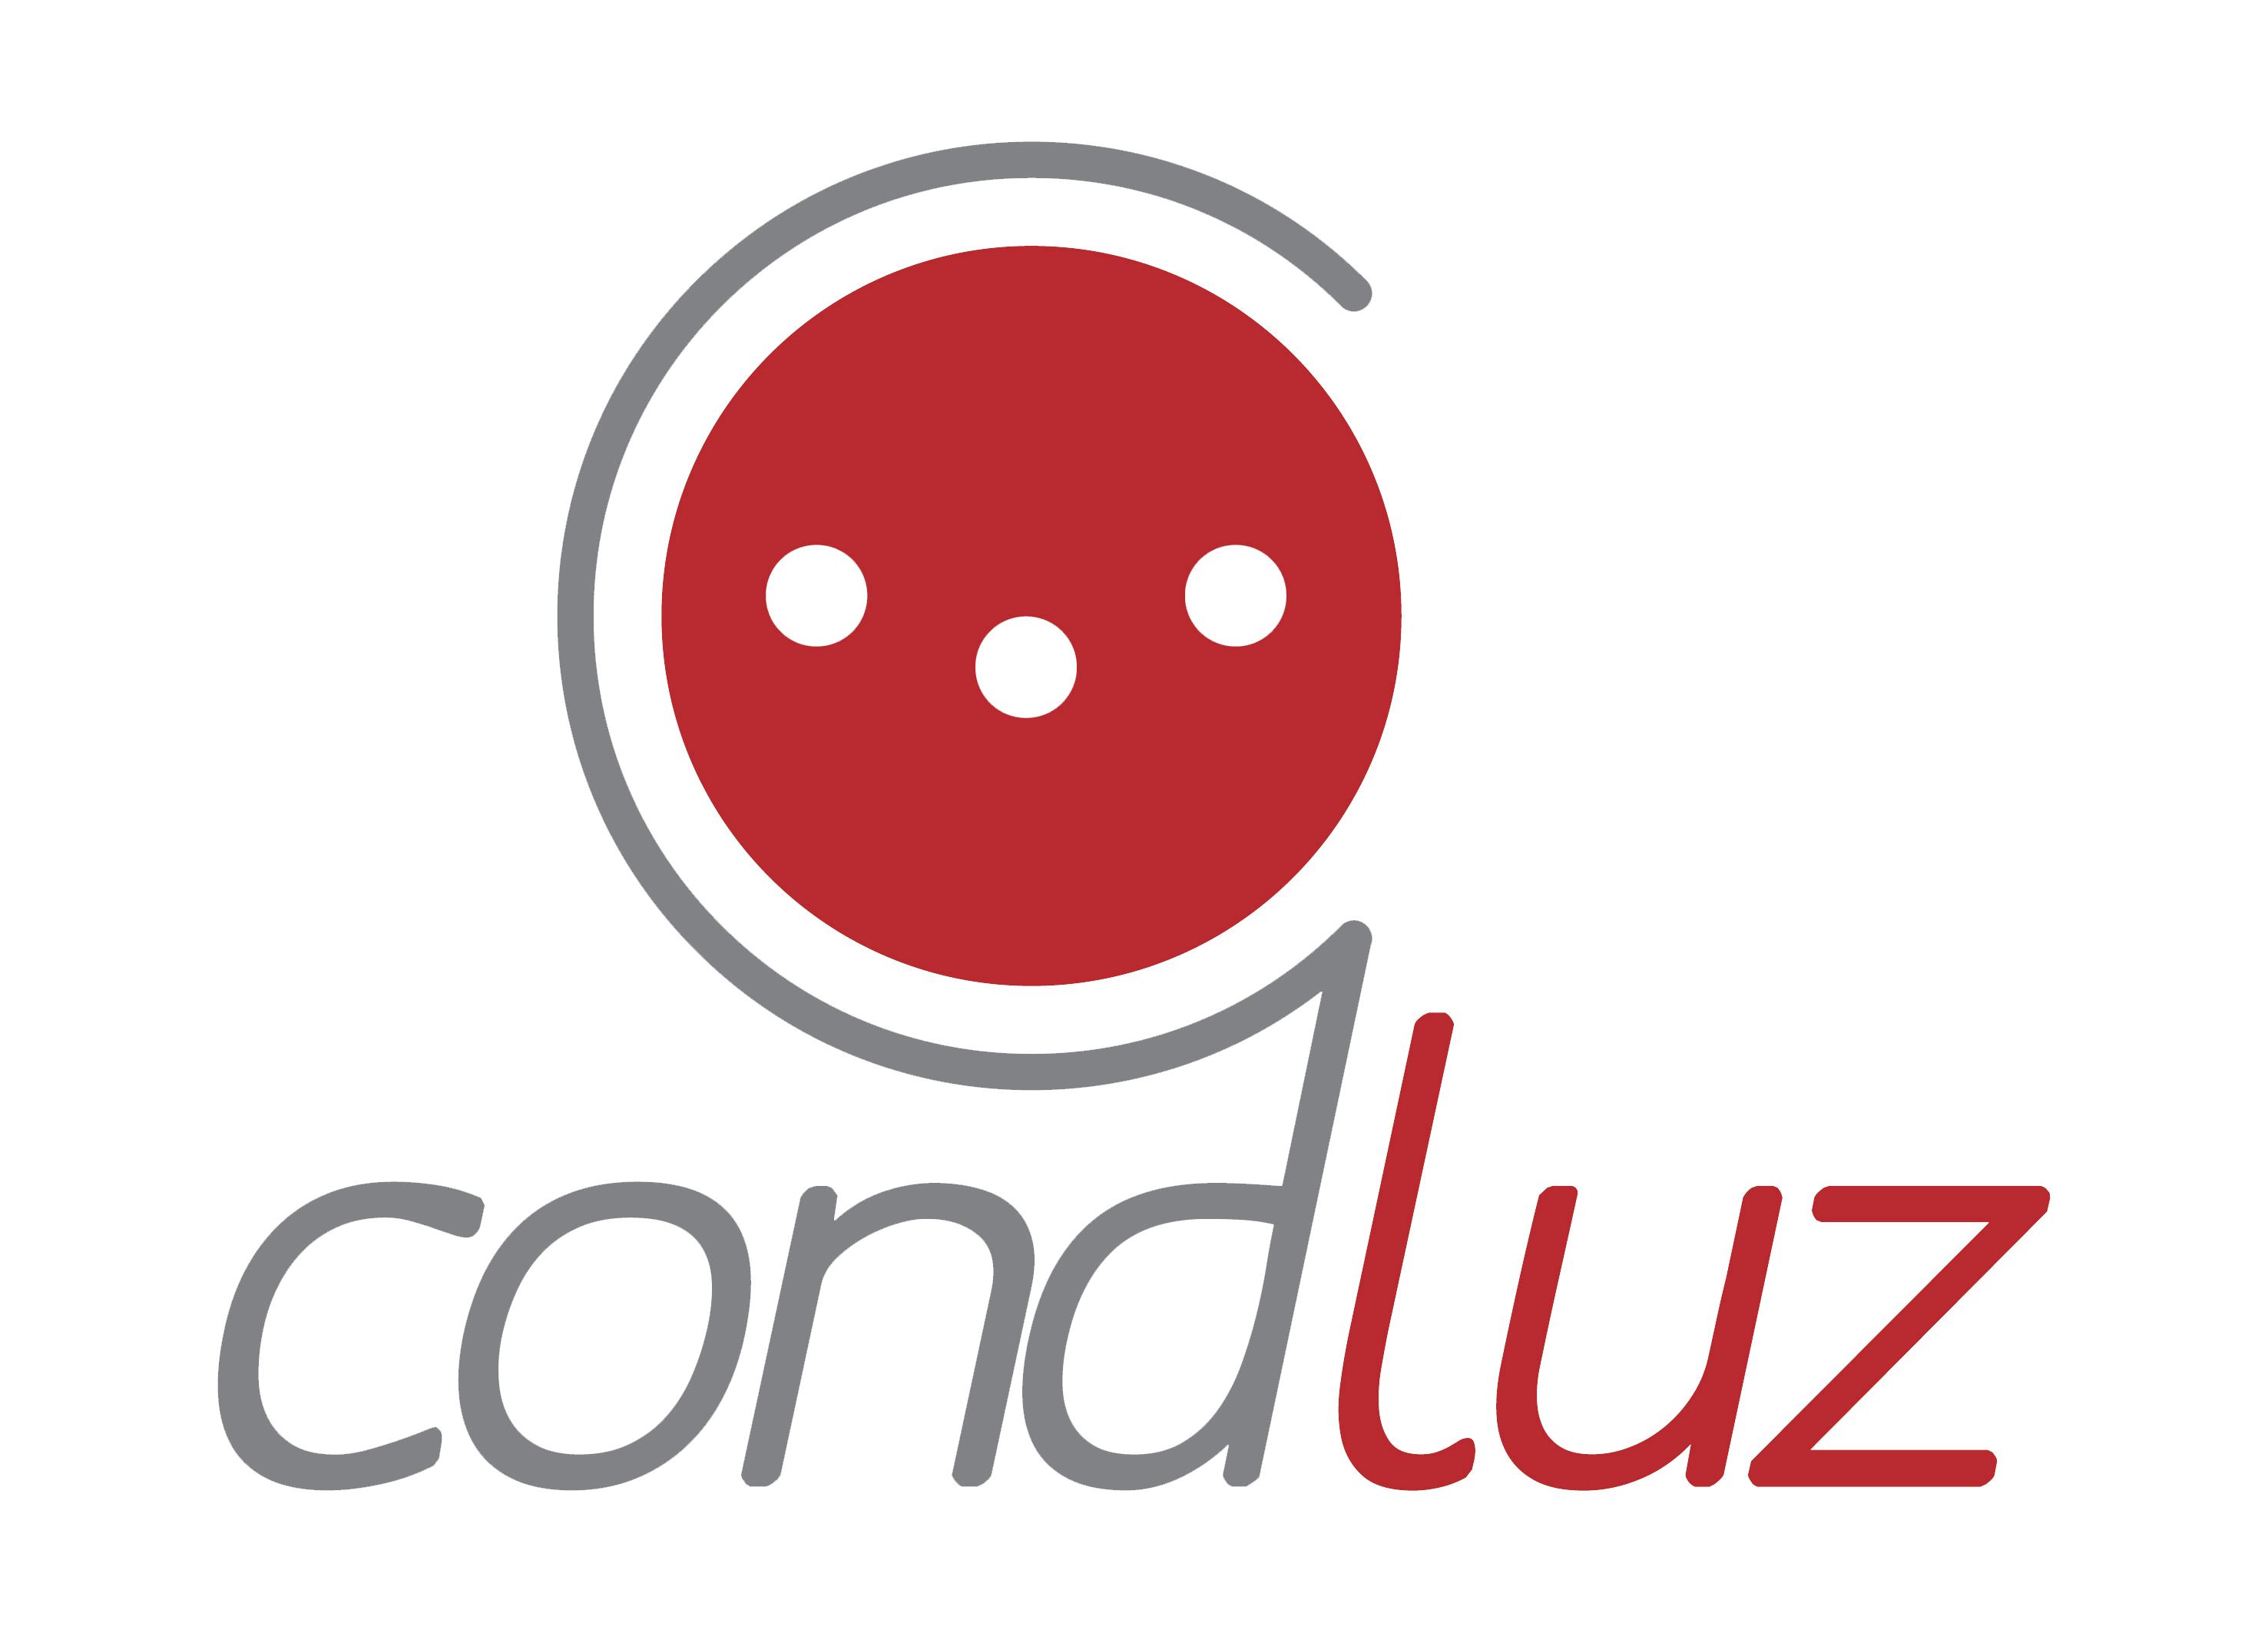 Condluz